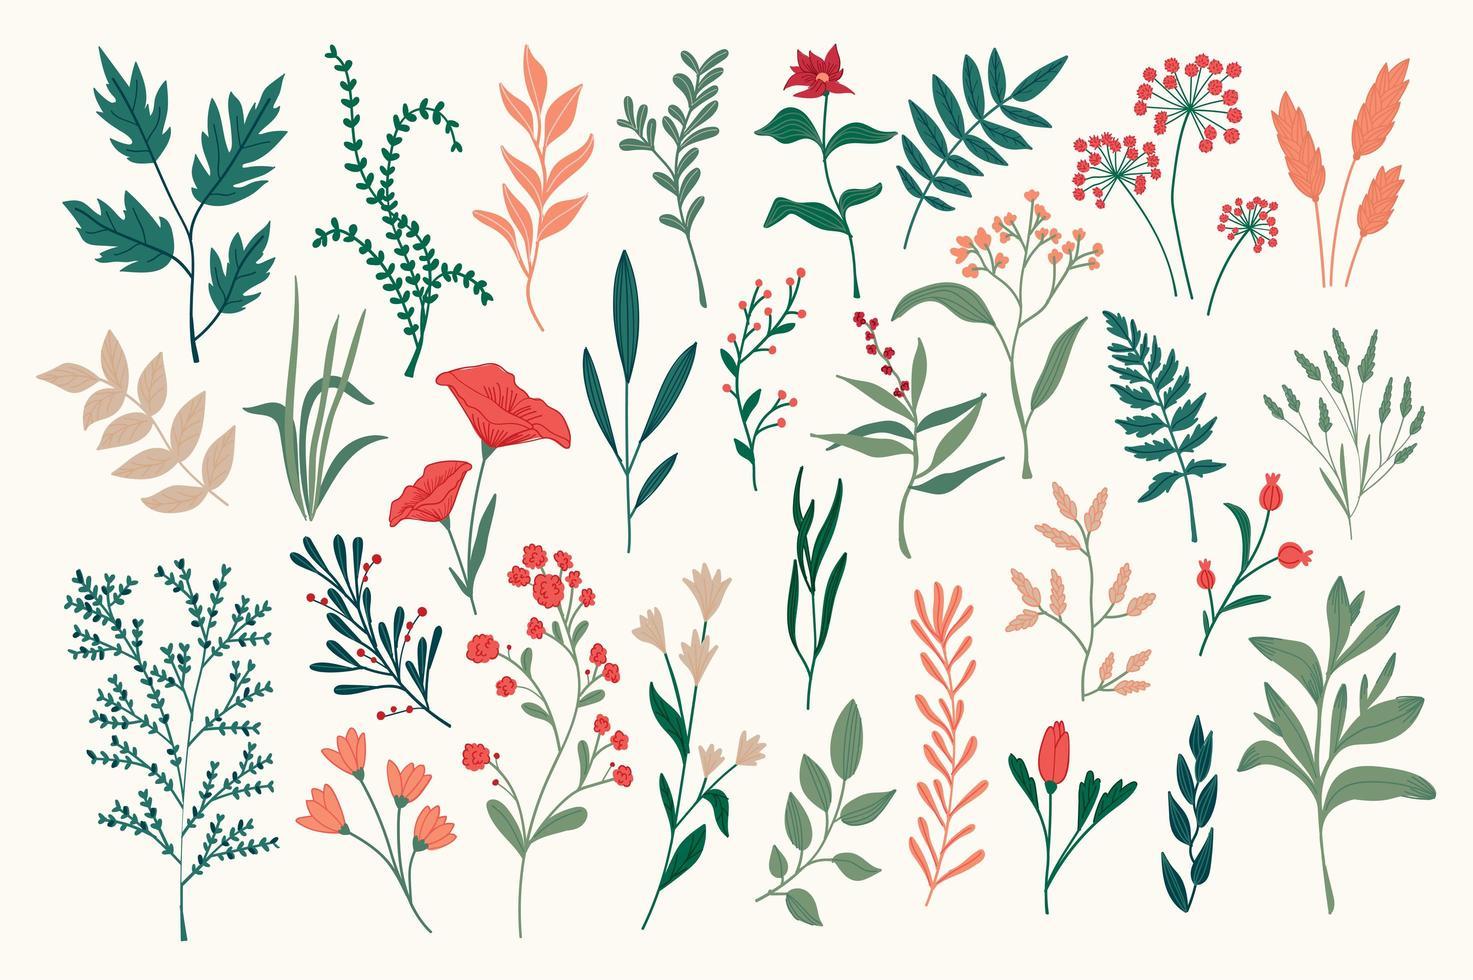 conjunto de objetos florales dibujados a mano vector